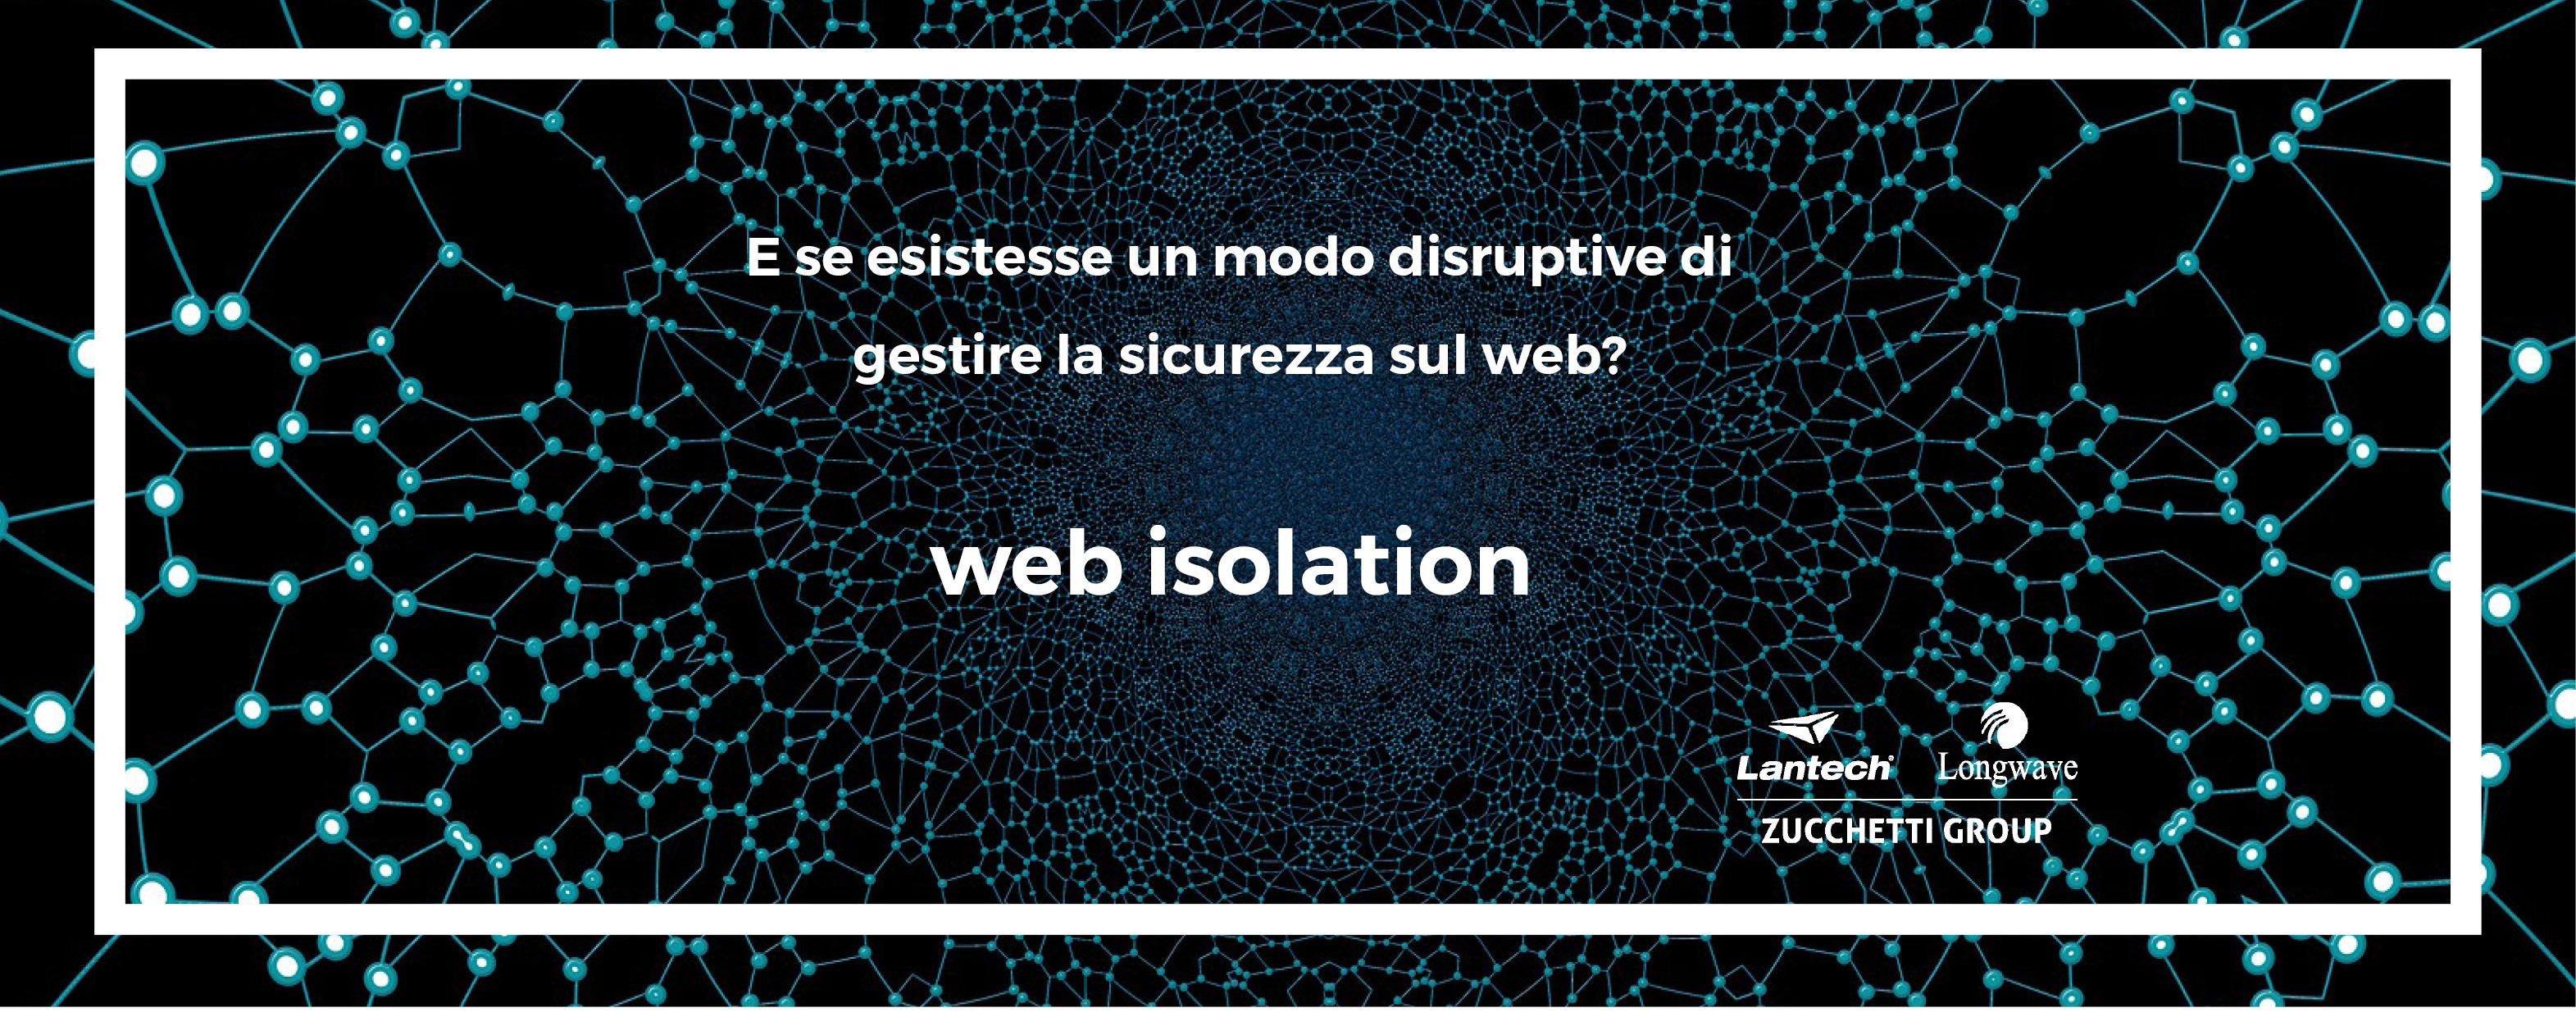 Web Isolation: un controllo della navigazione disruptive